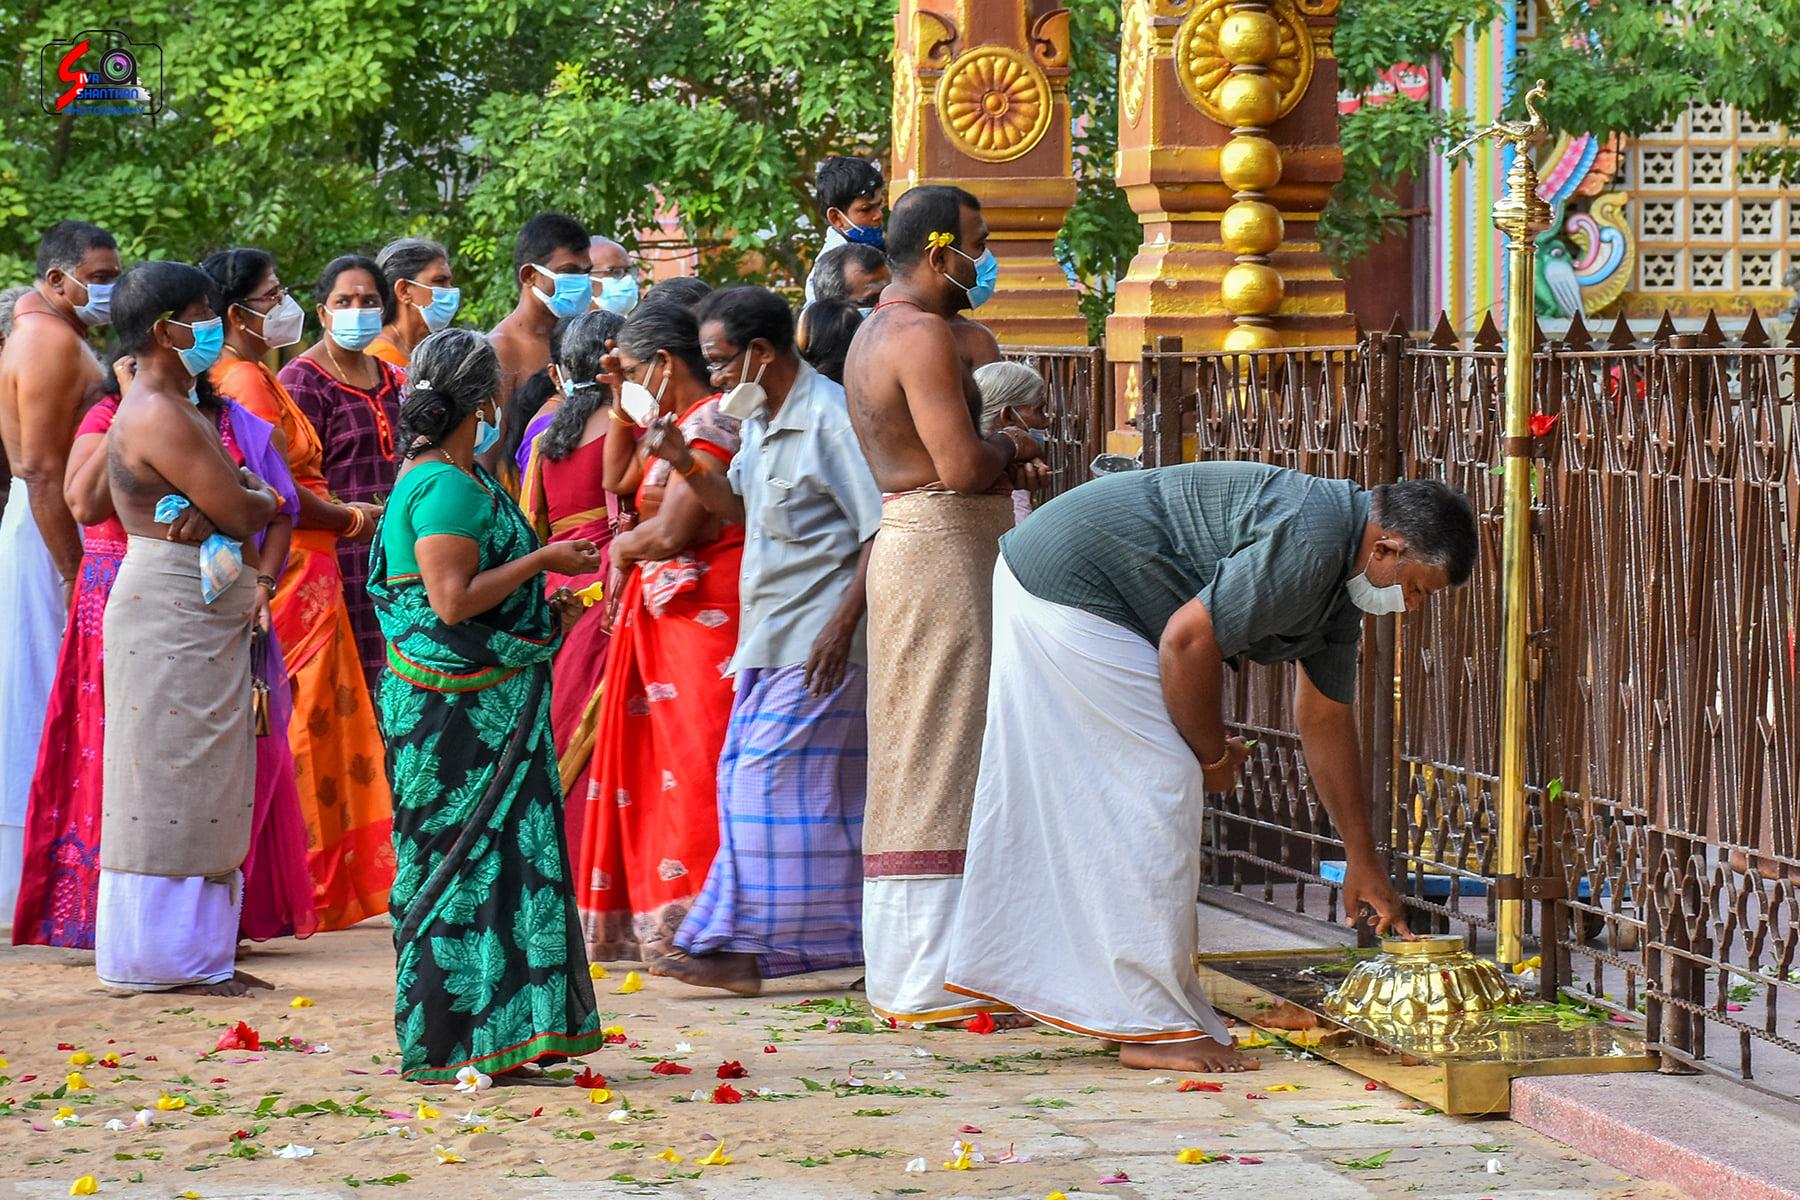 நல்லூரானை வழிபட பக்தர்களுக்கு சிறப்பு ஏற்பாடு